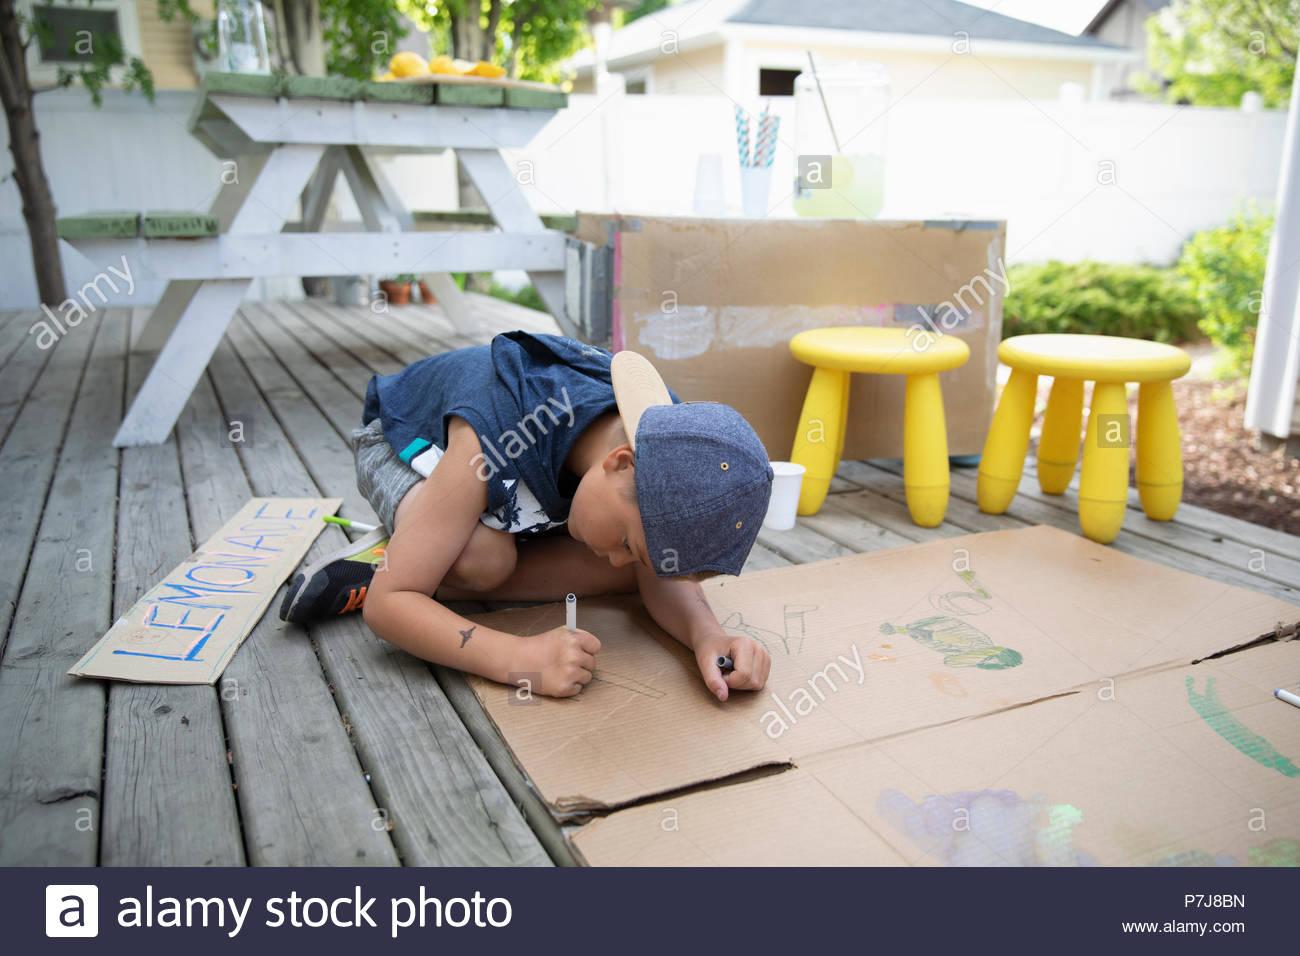 Dibujo de muchacho sobre cartón, haciendo Lemonade Stand Imagen De Stock